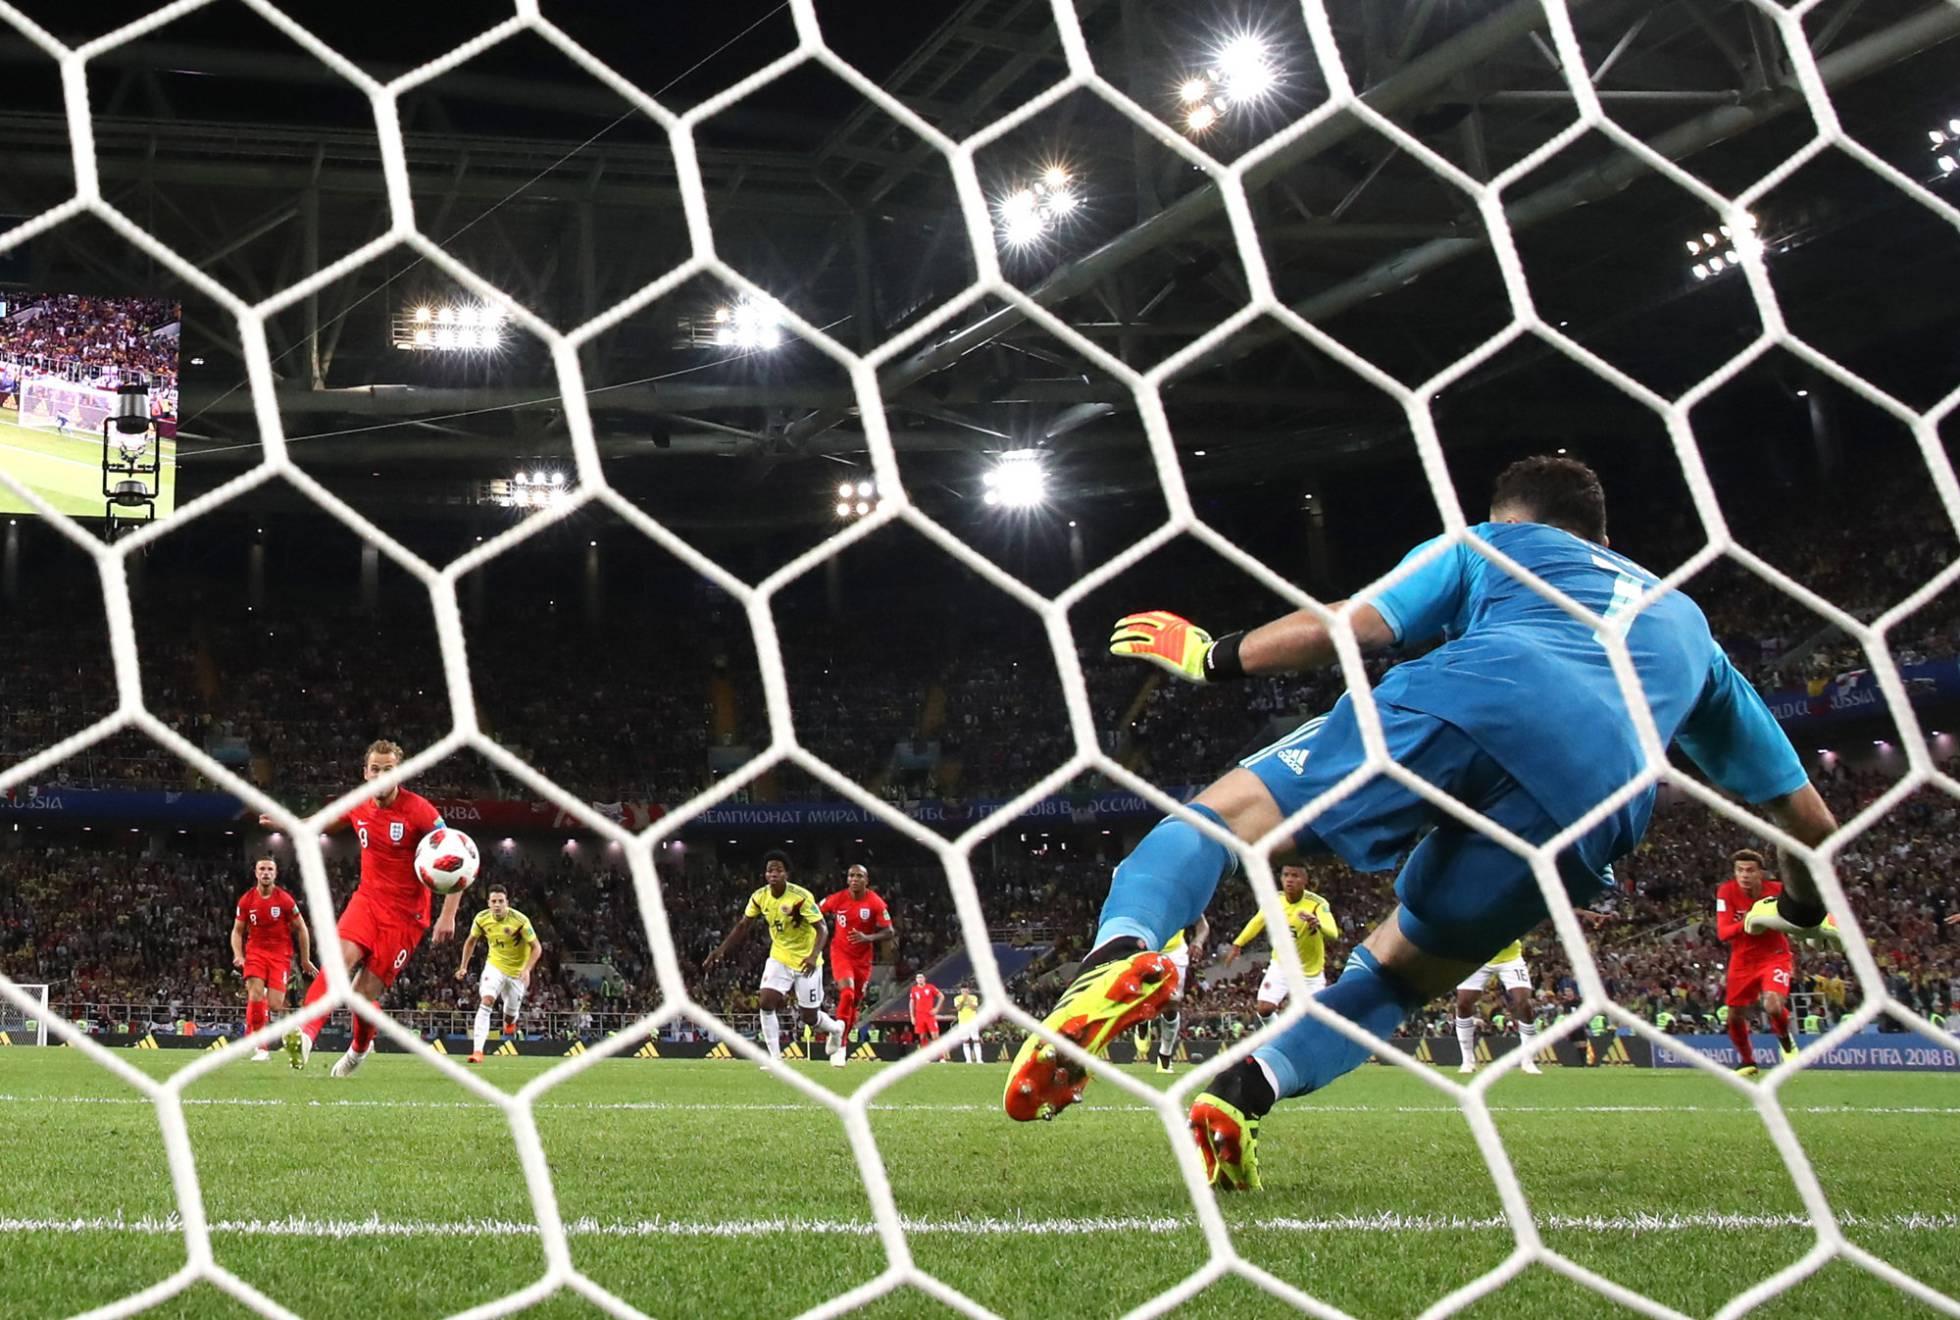 Colombia, fuera del Mundial al perder con Inglaterra en los penaltis